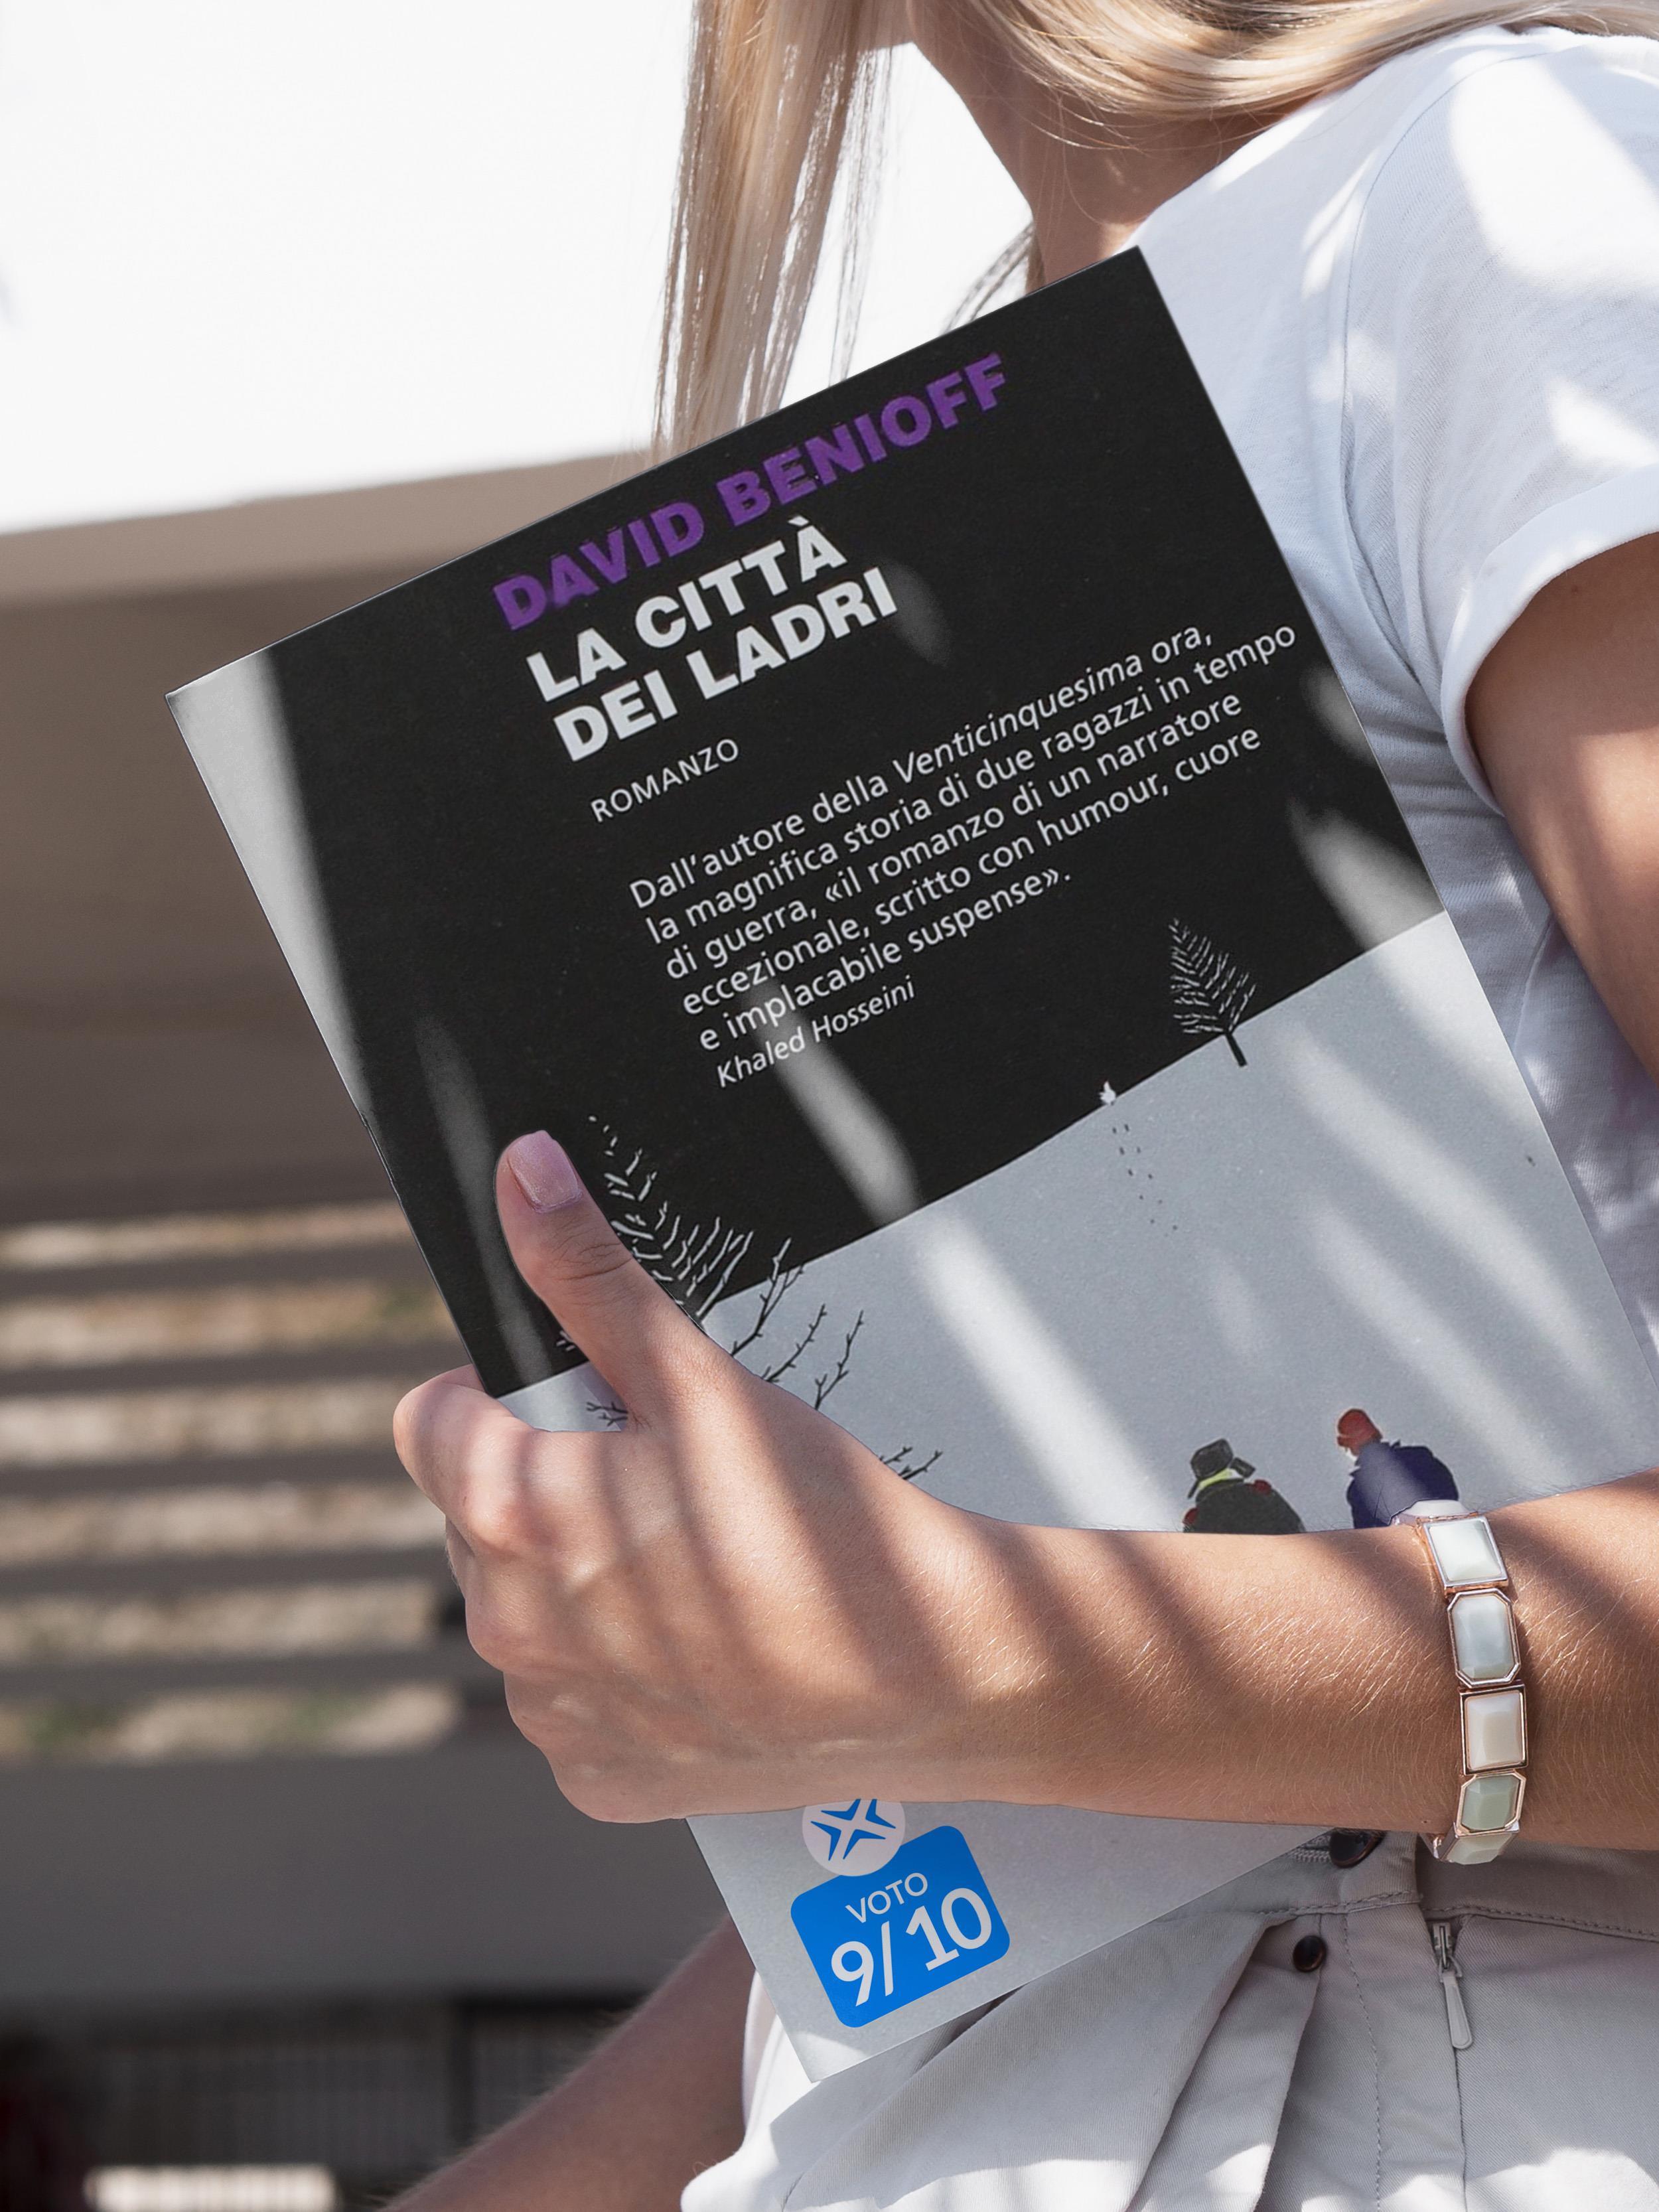 Ragazza tiene in mano il libro La città dei ladri